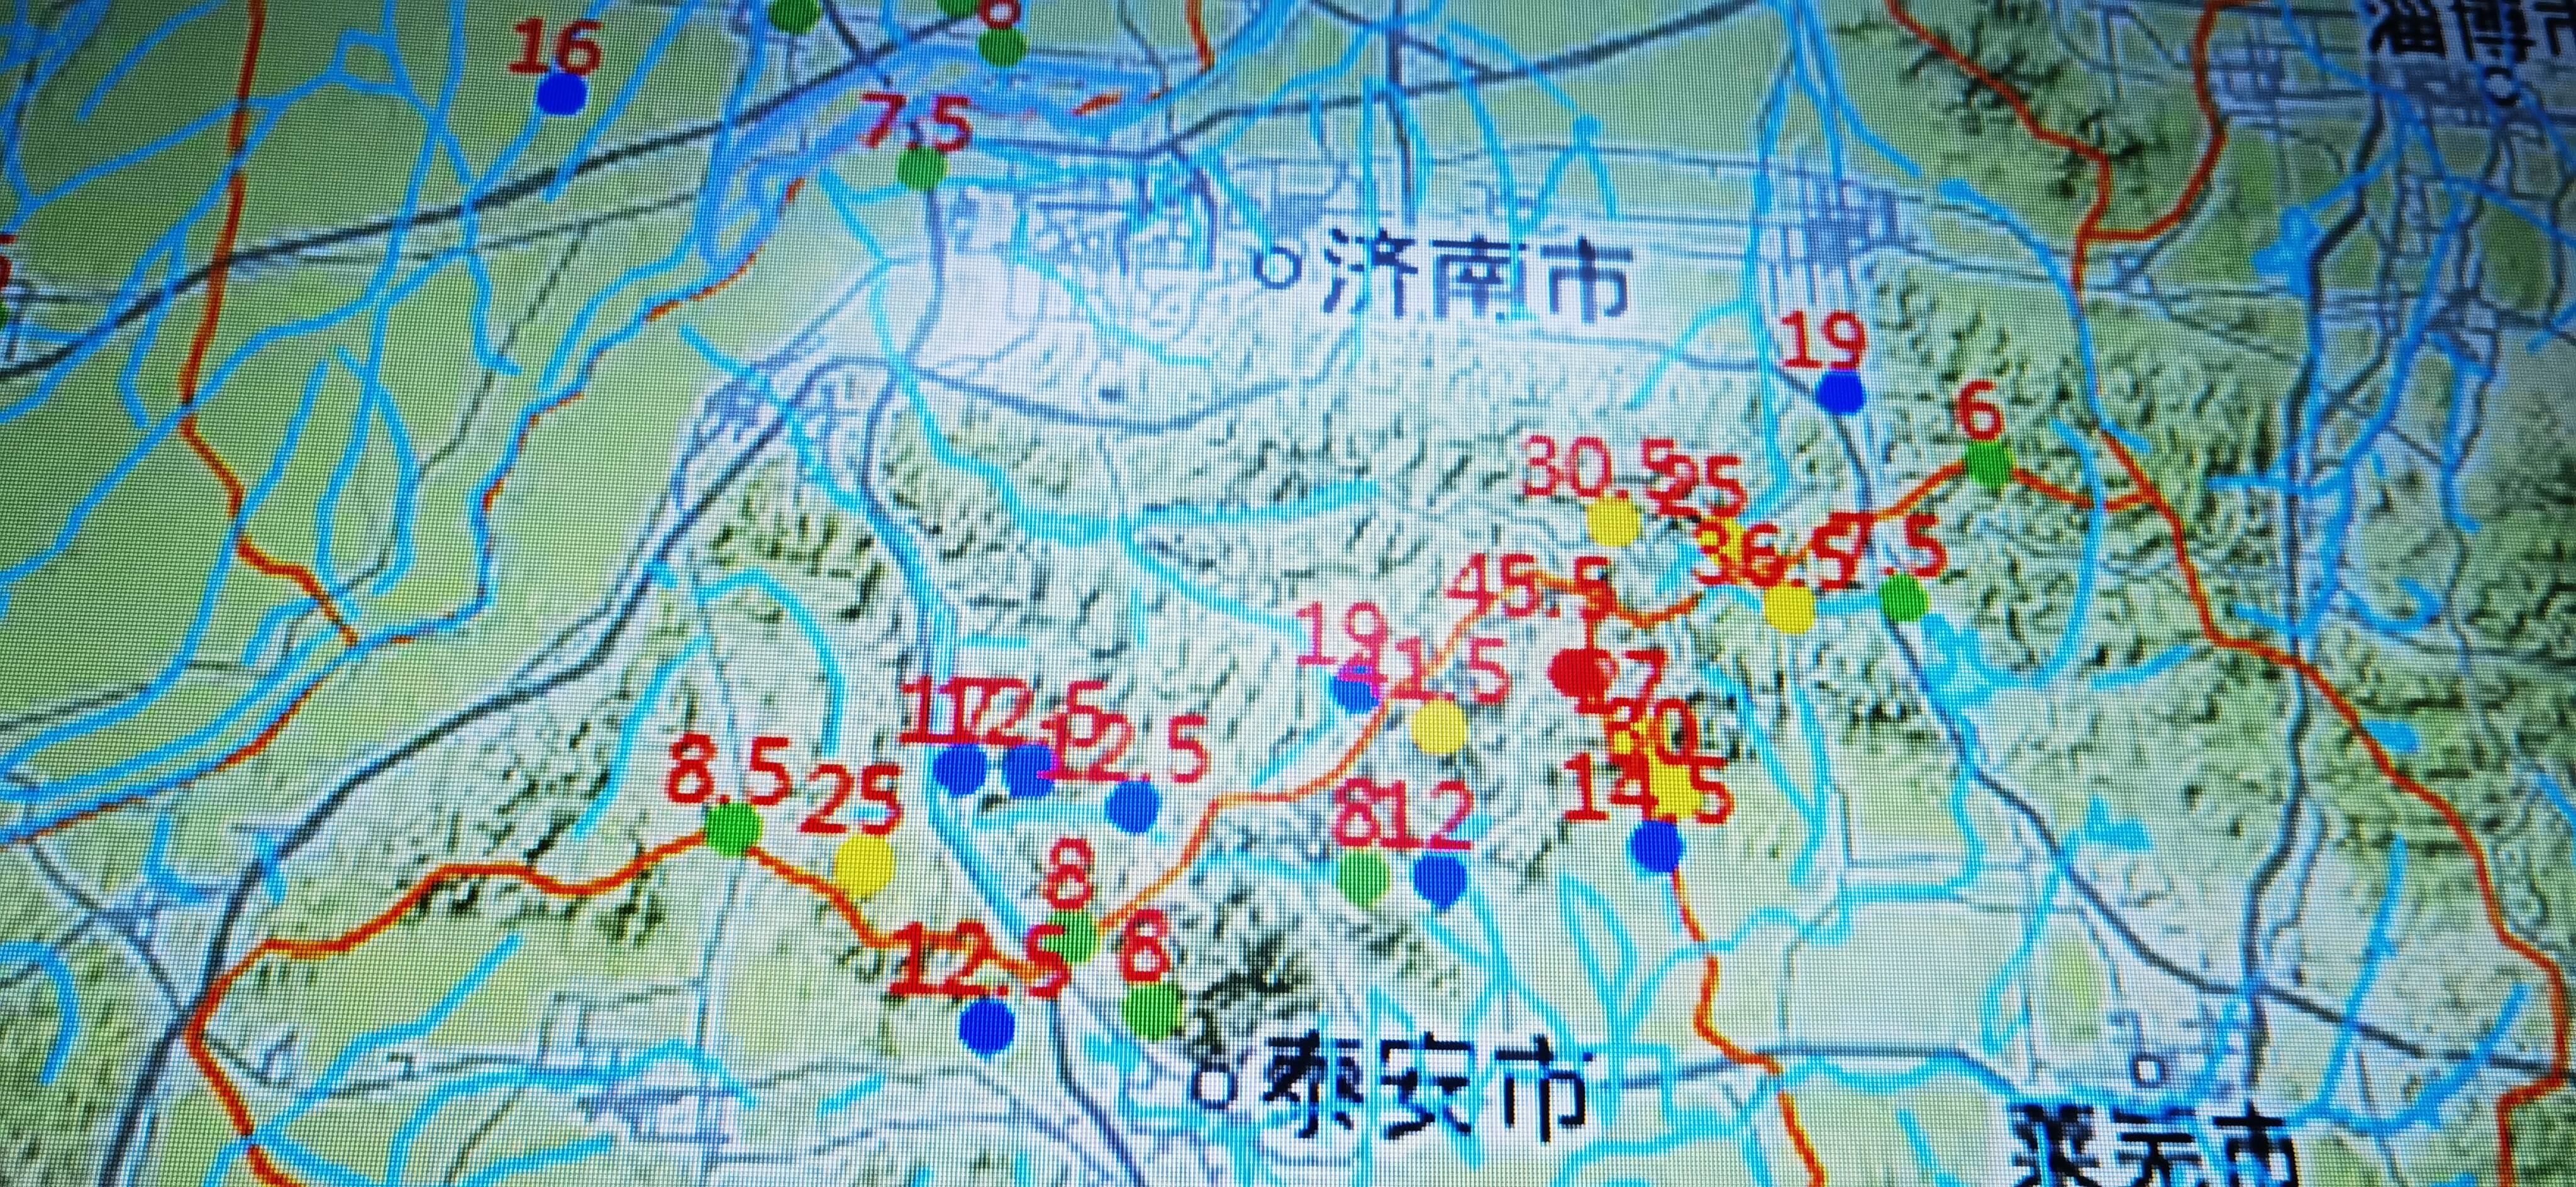 截至13日零时 山东本轮最大降水点在泰安市泰山区